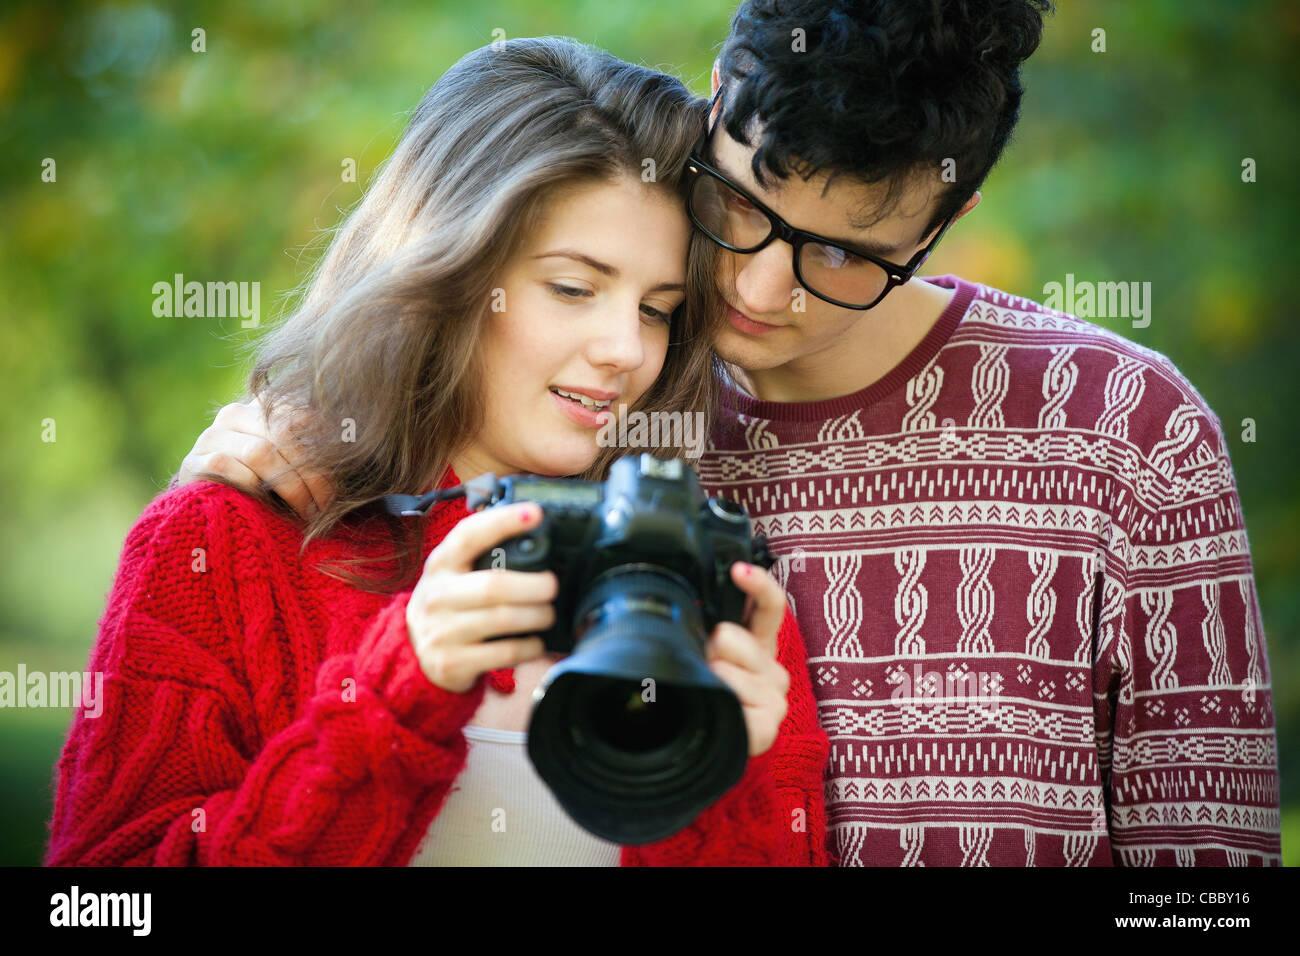 Adolescente utilizando la cámara con novio Imagen De Stock